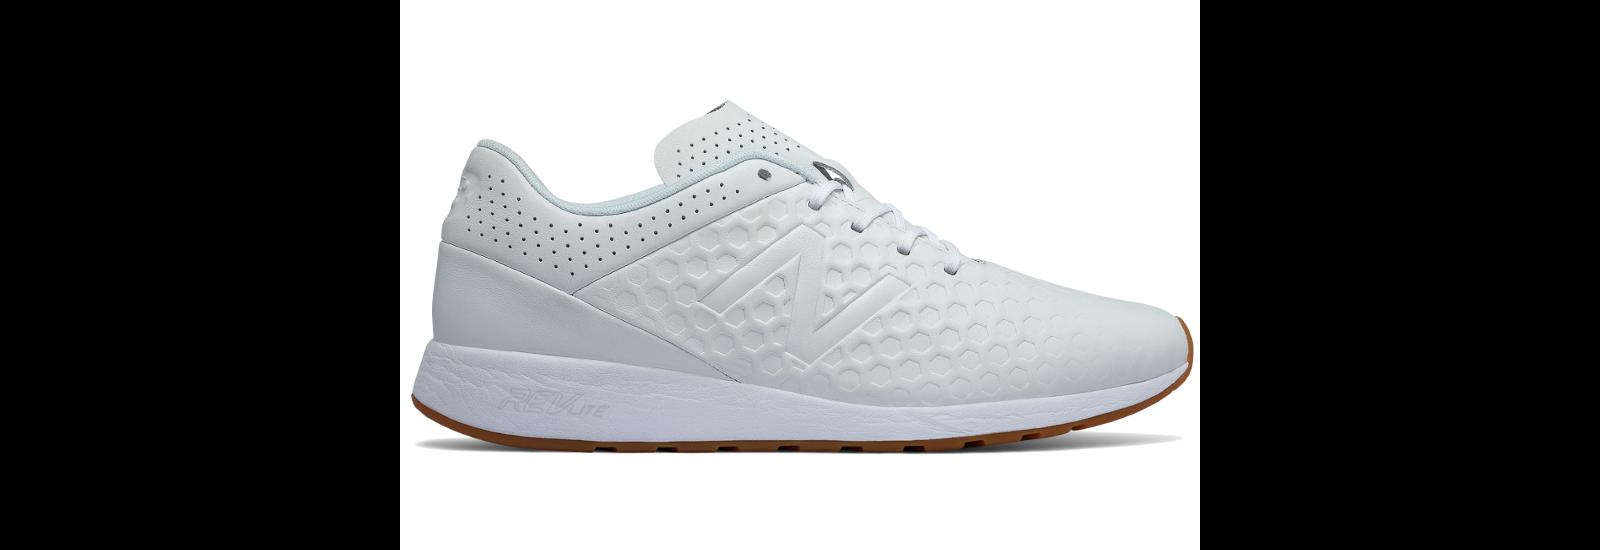 New Balance Mrlvrofw Adidas Tubular New Balance Shoes